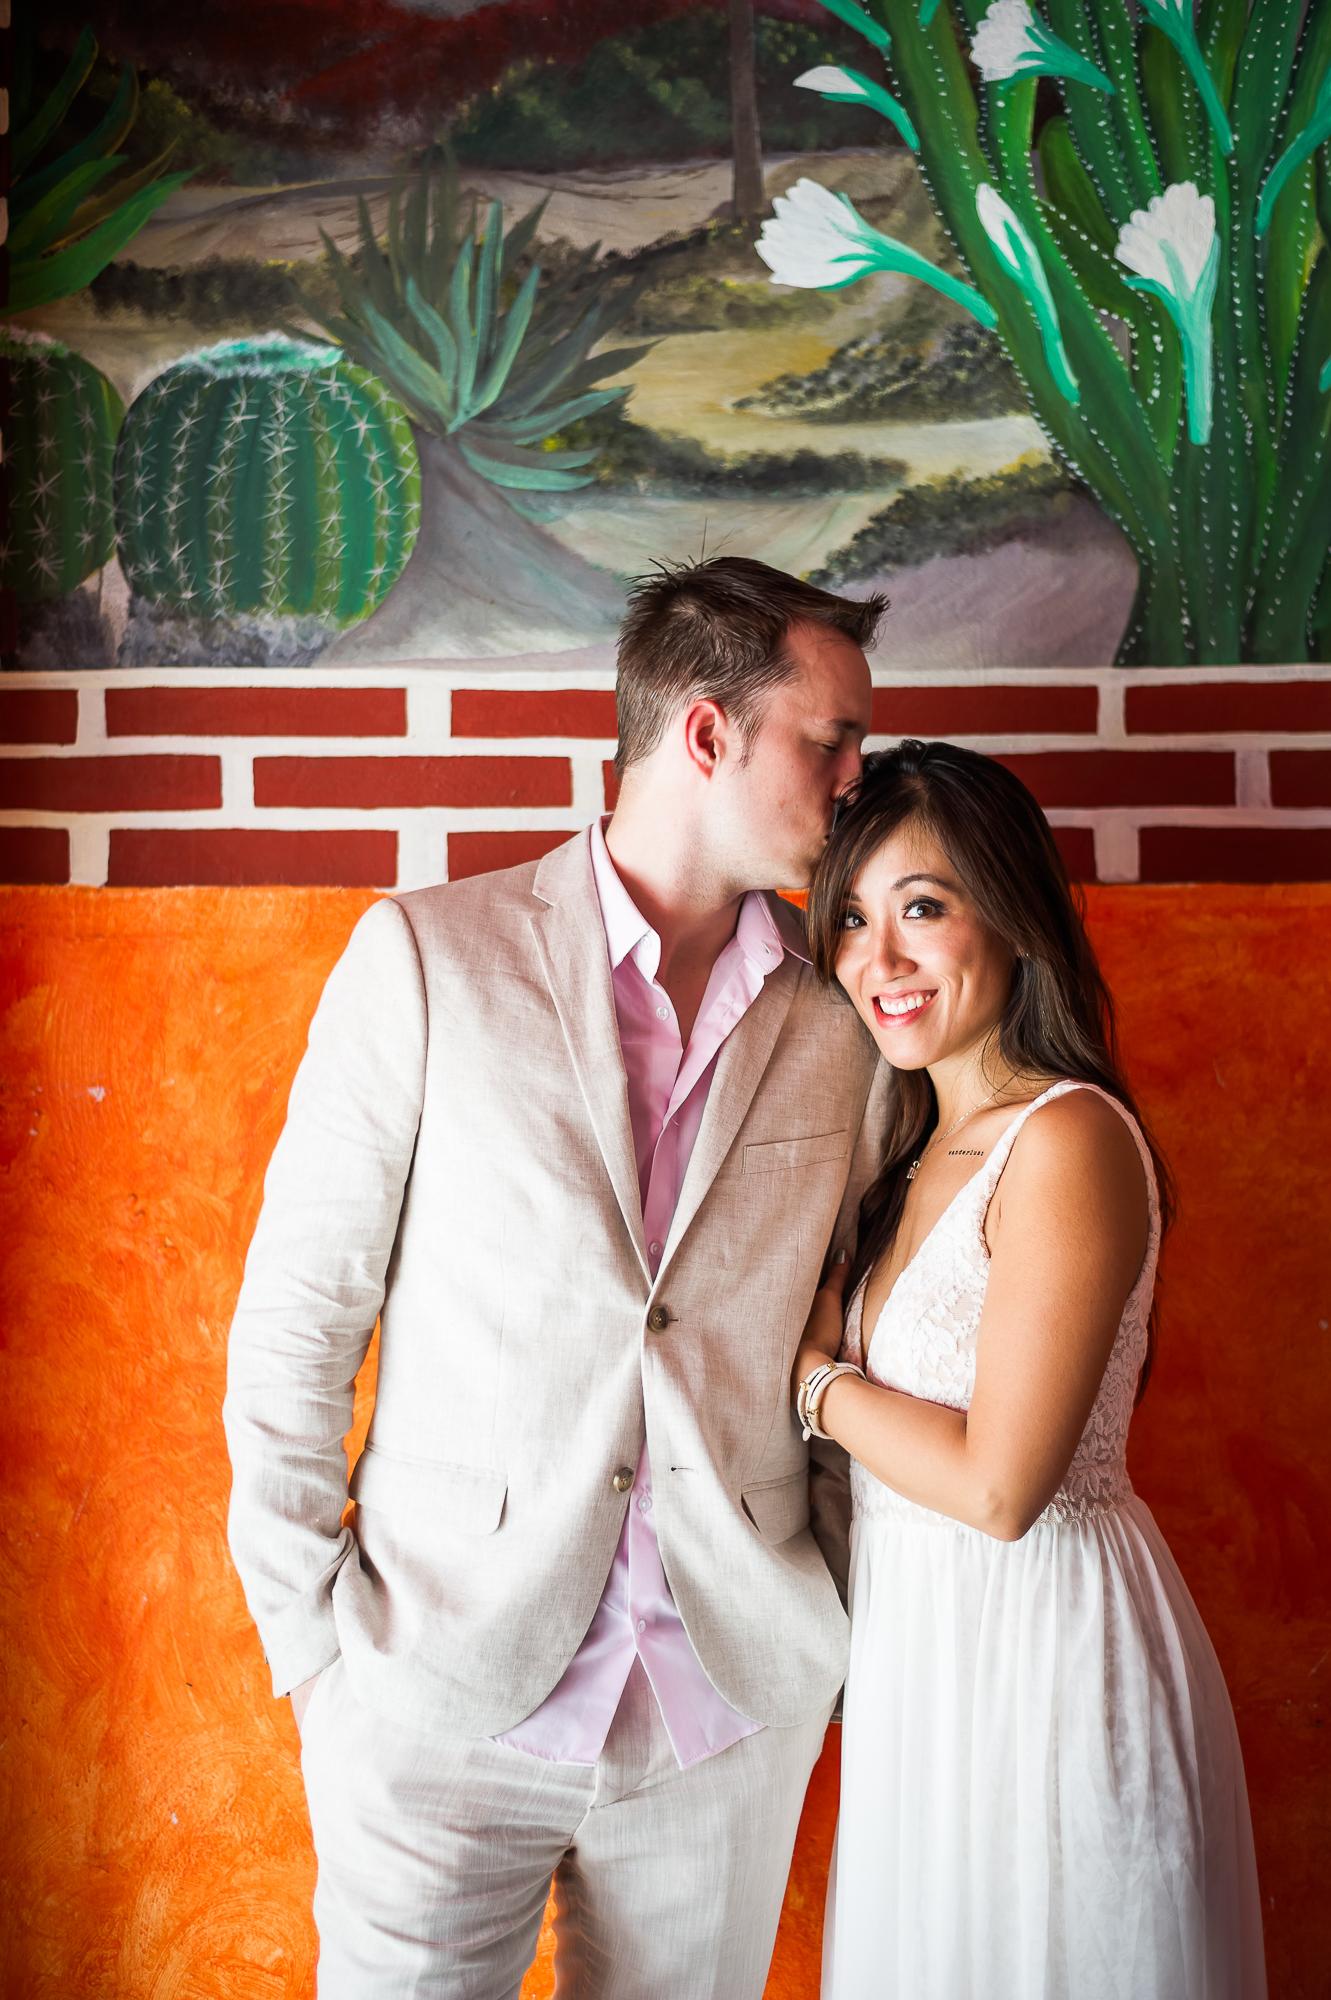 42-David Loi Studios - Cancun Mexico Engagement Session - Destination Engagement Session-24998.jpg